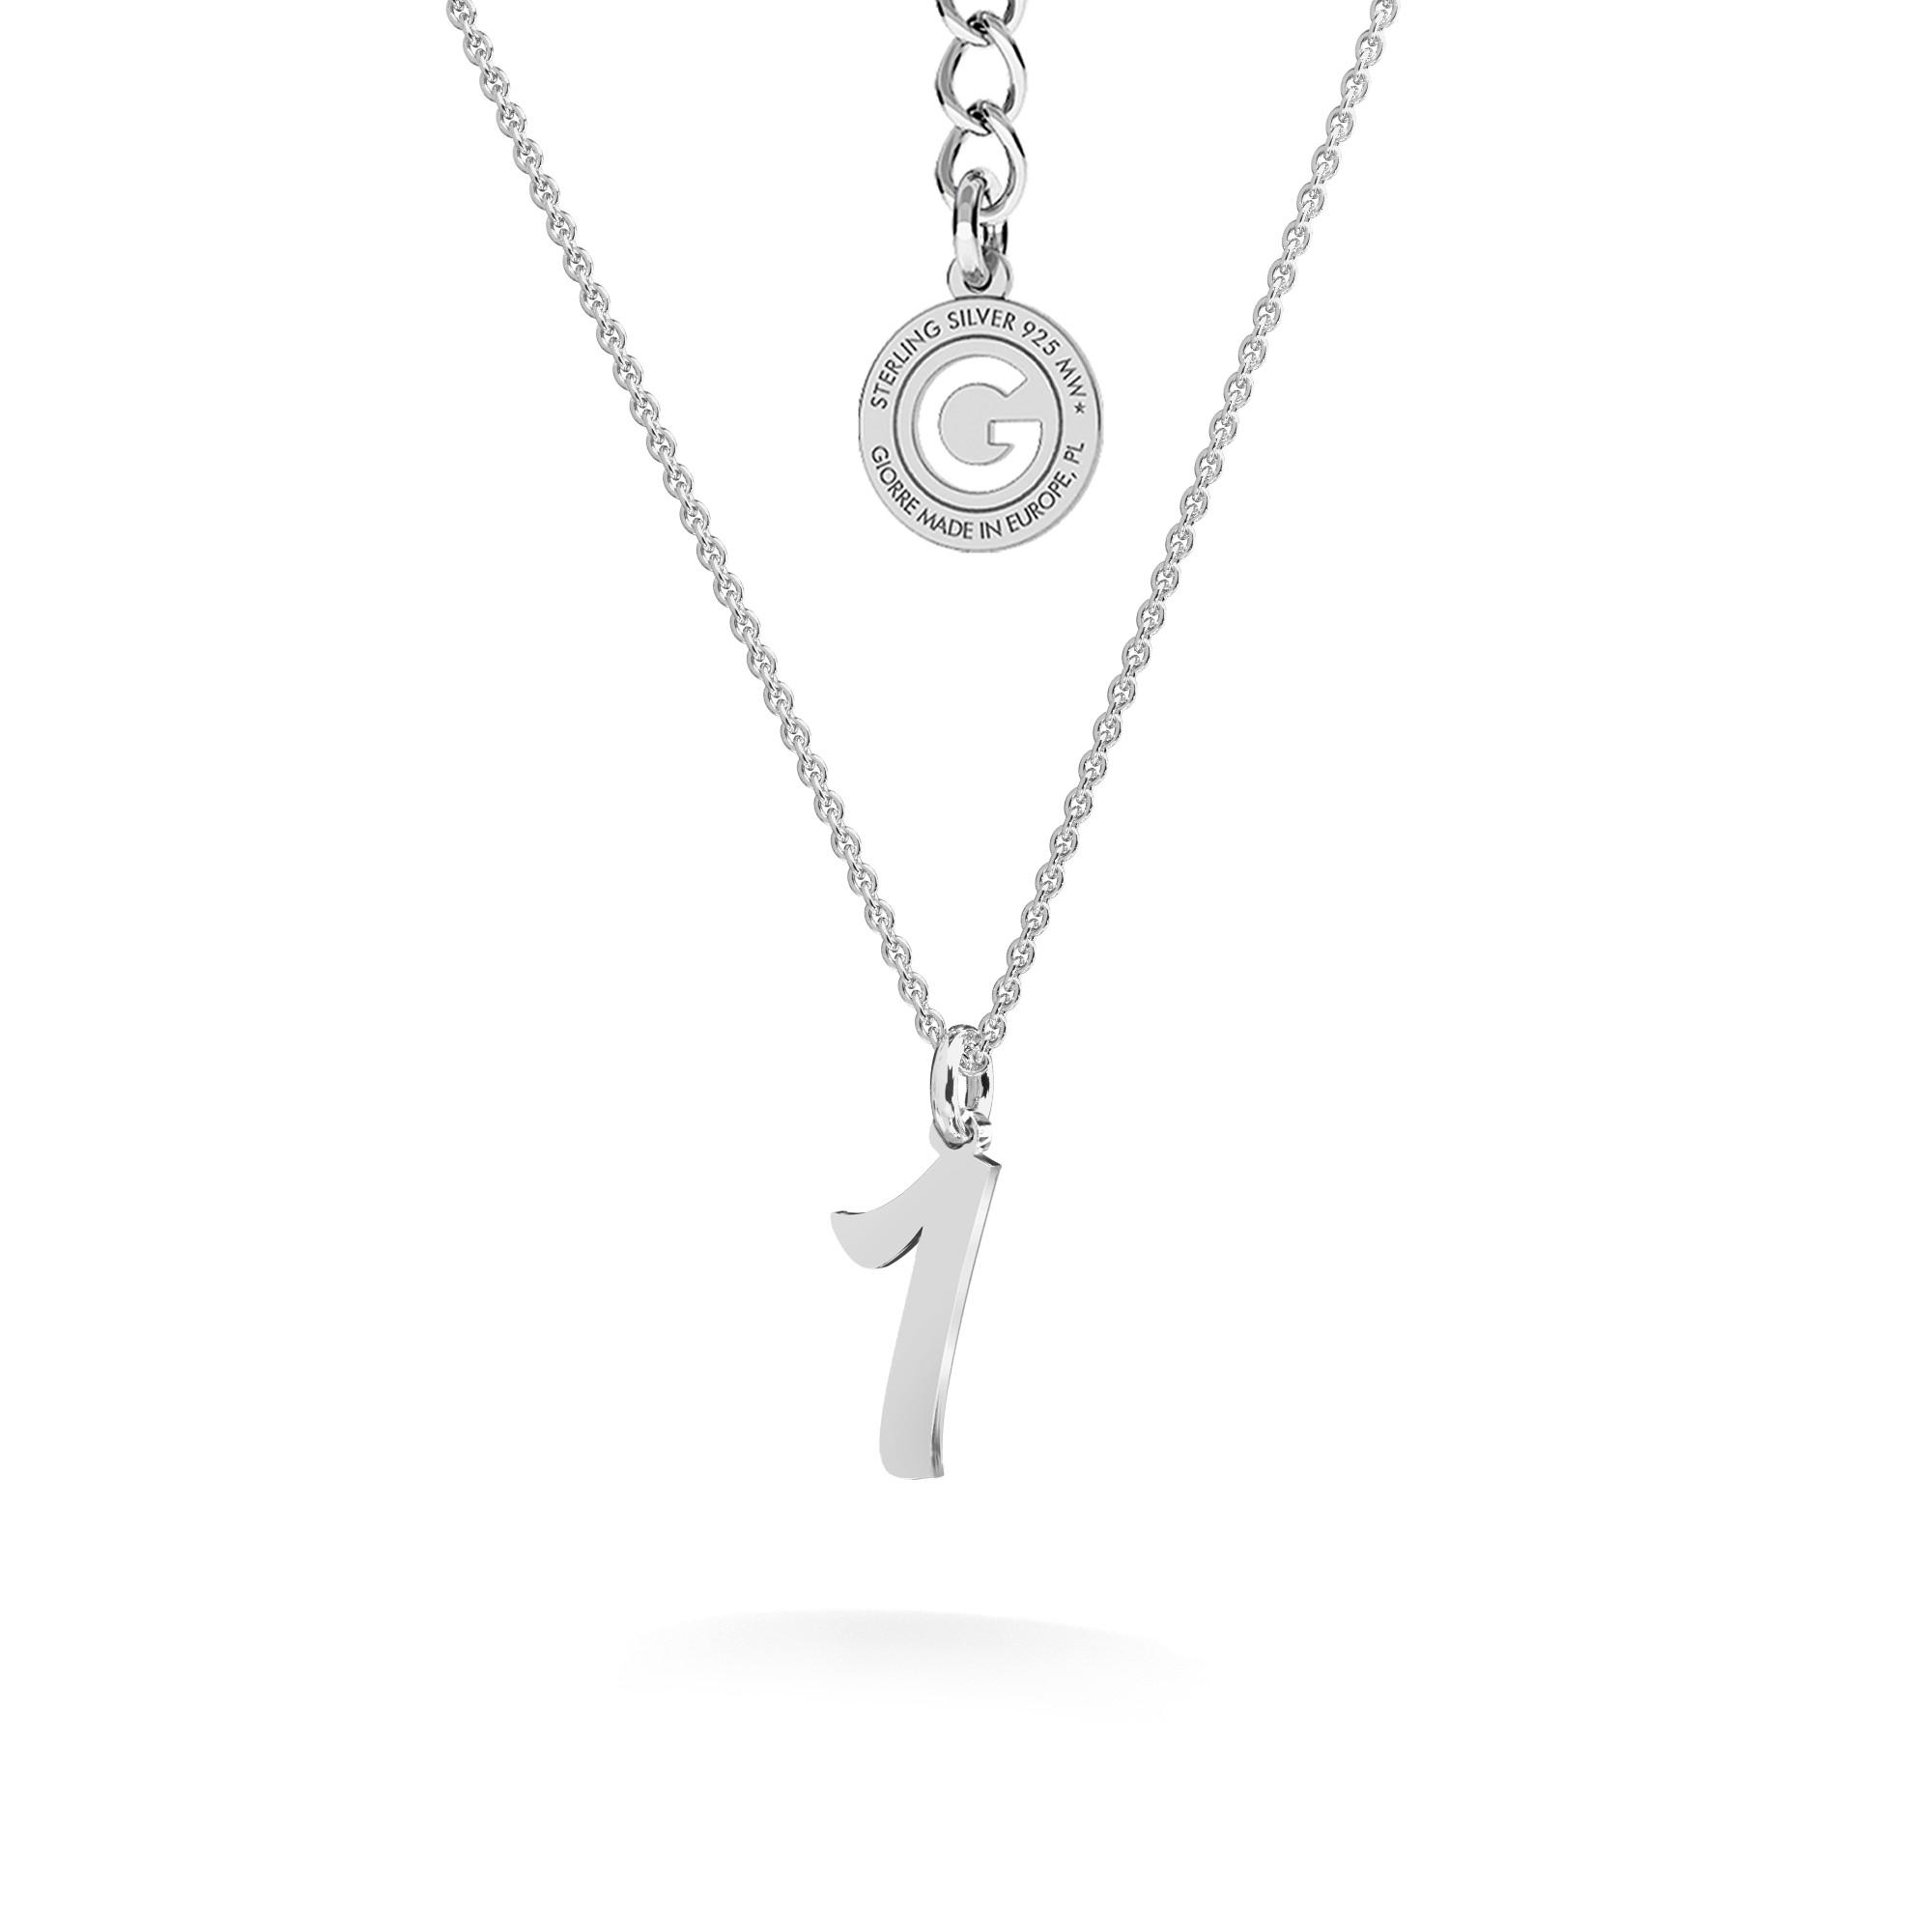 Halskette mit Brief silber 925